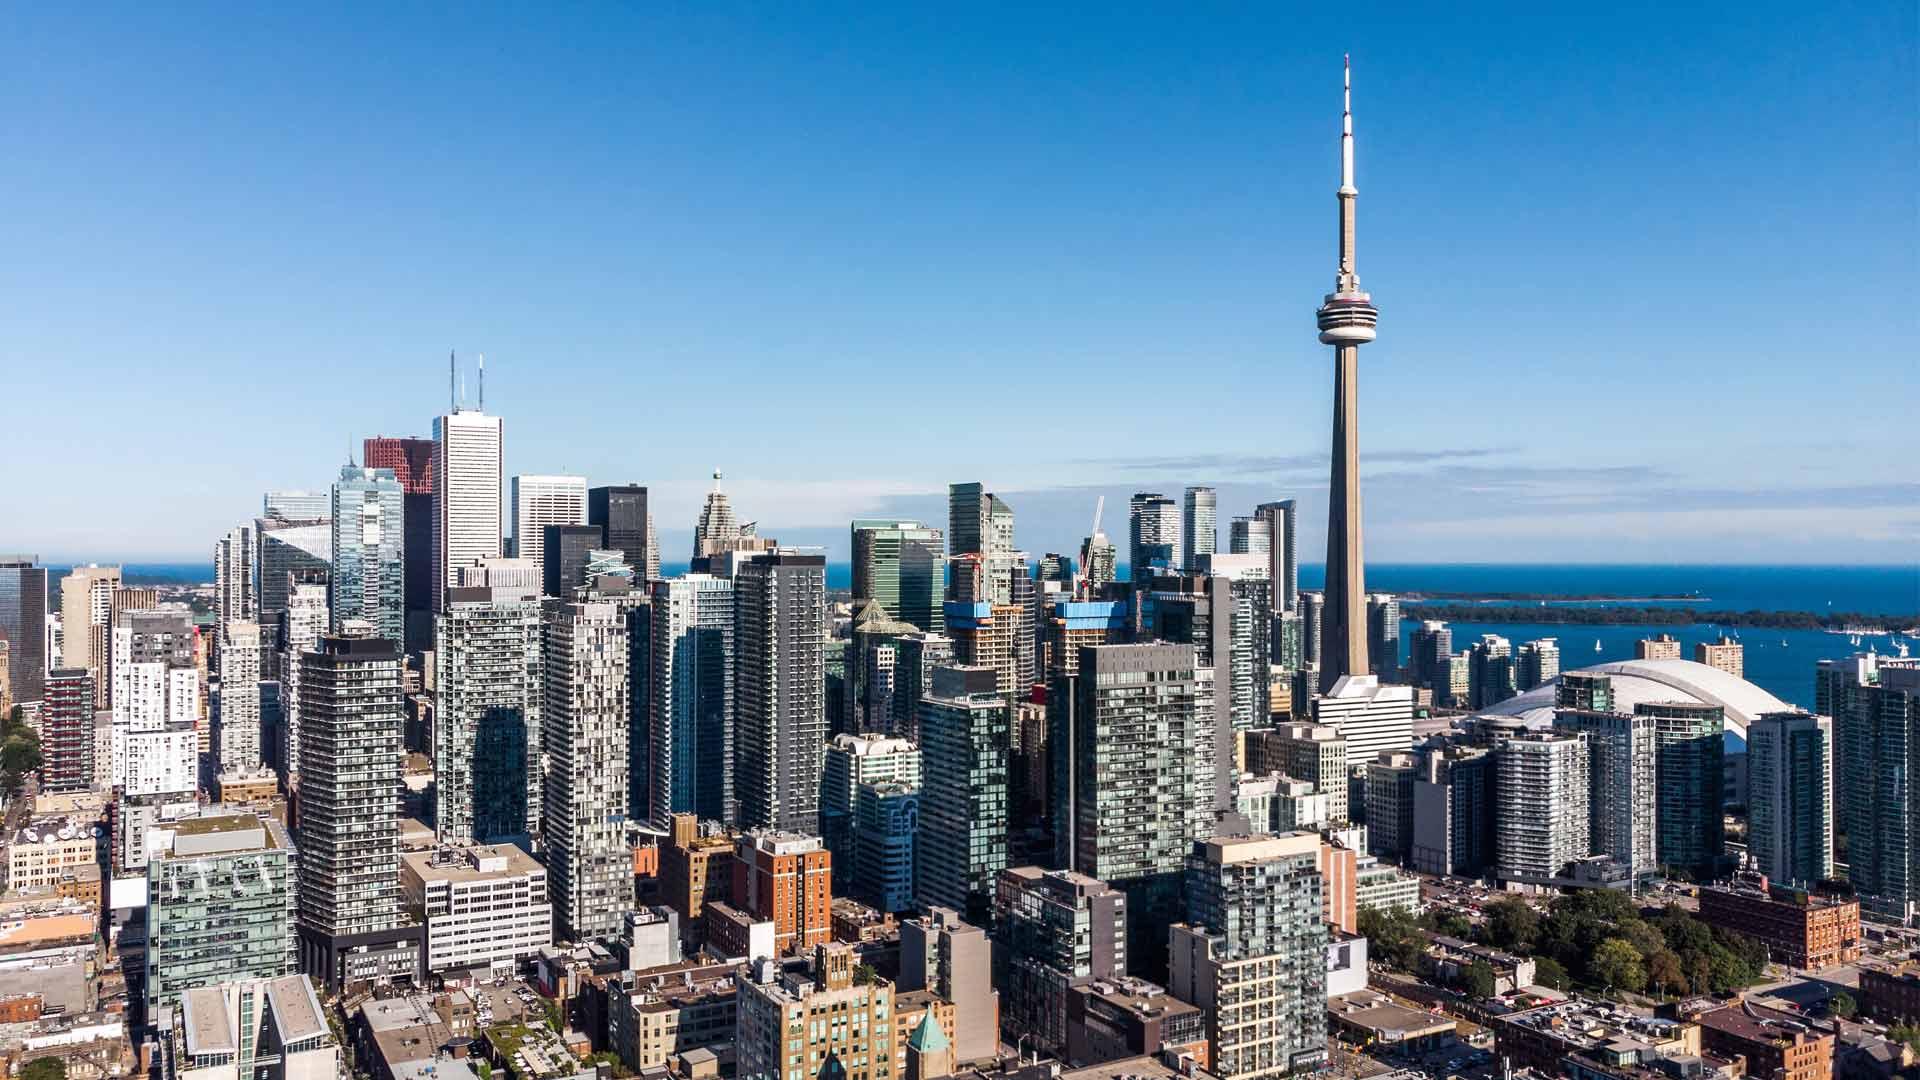 DT of Toronto Restaurants